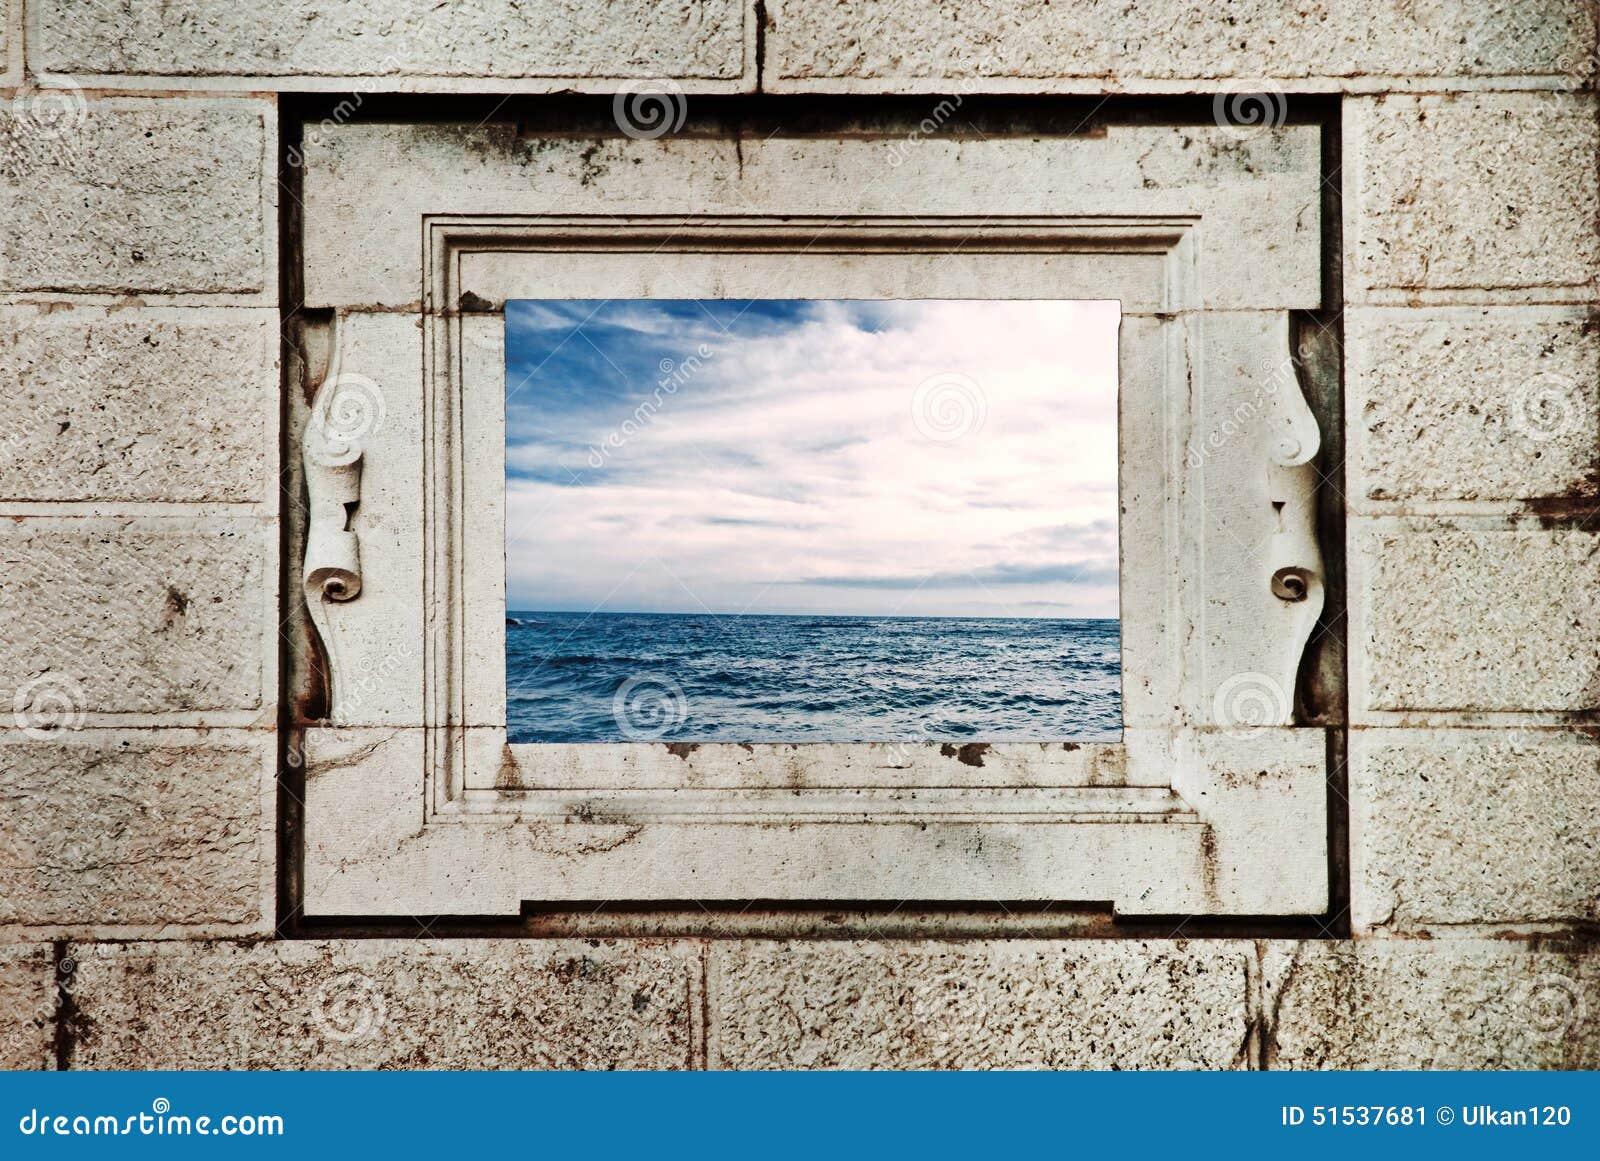 Meerblick durch fenster stockbild bild von strand schauen 51537681 - Braunen durch fenster ...